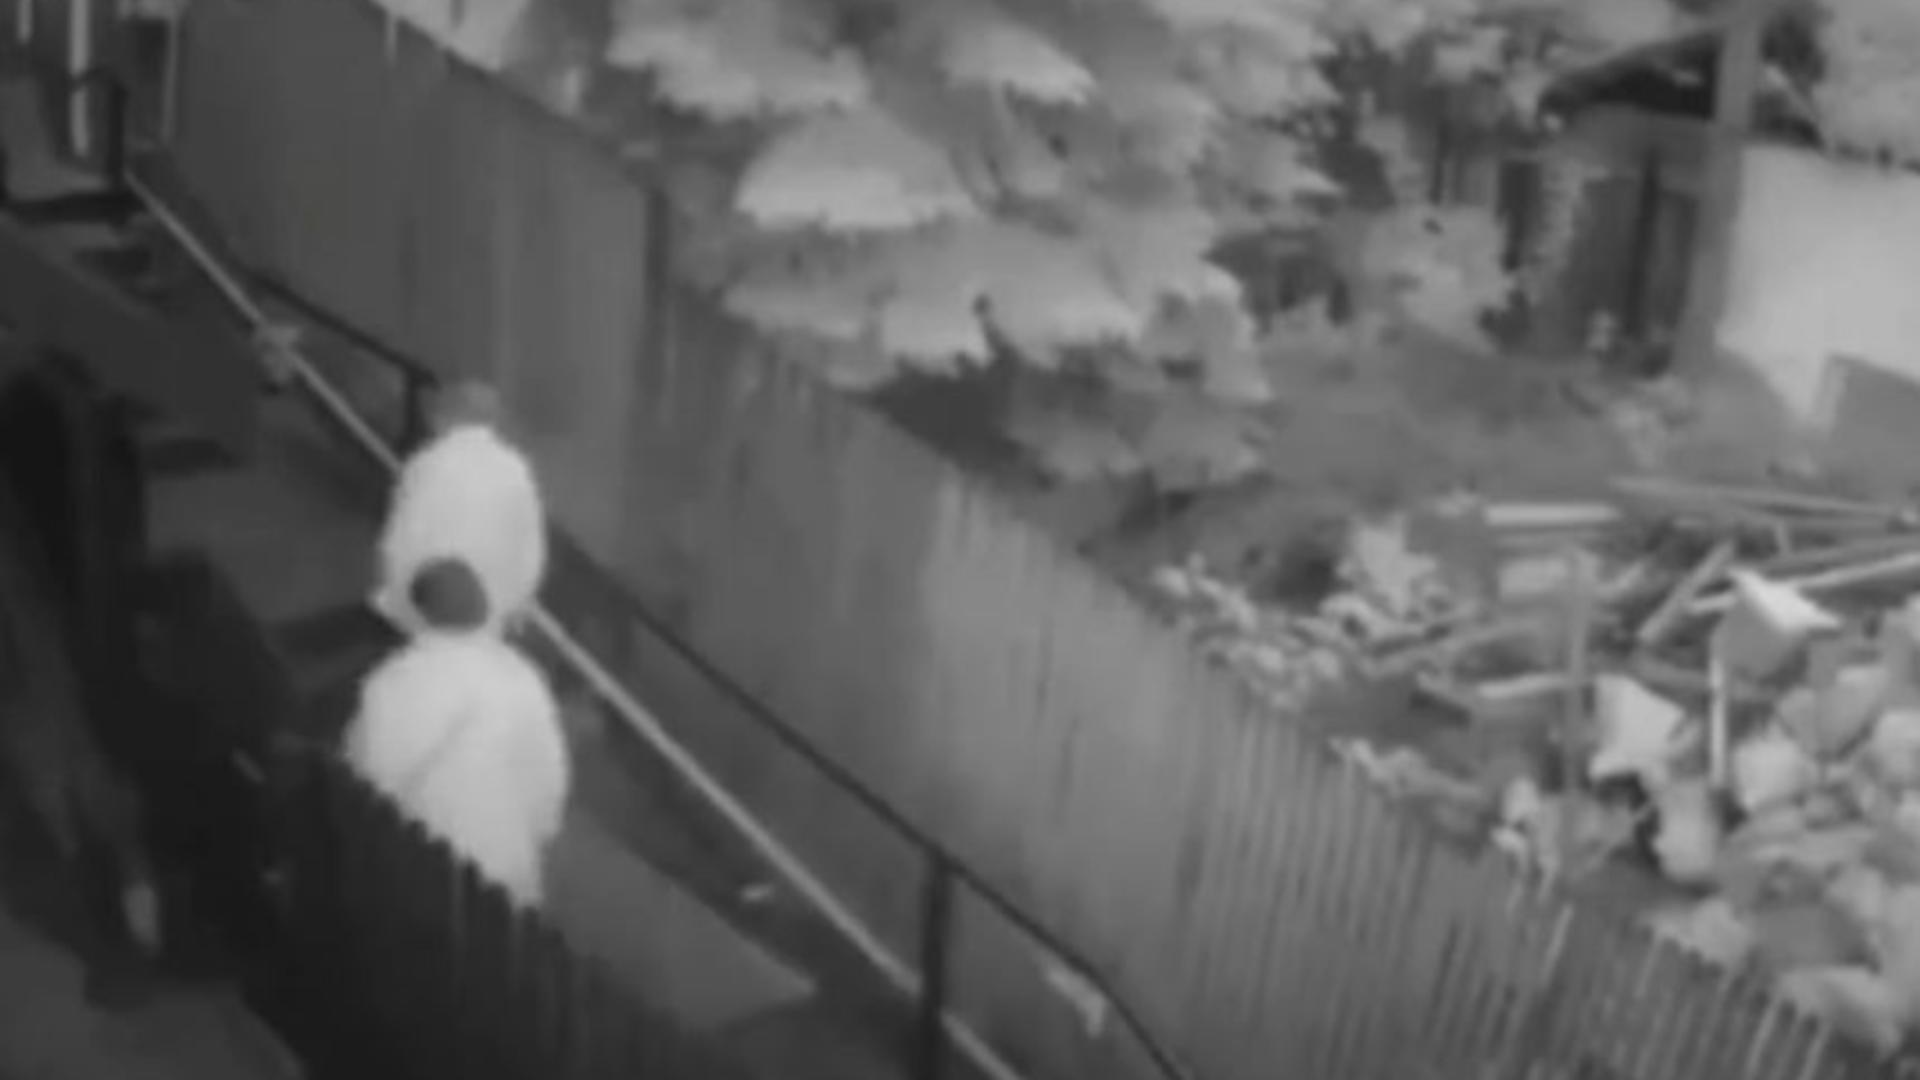 Un urs a fost filmat în timp ce urmărea doi oameni/ Foto/captură video